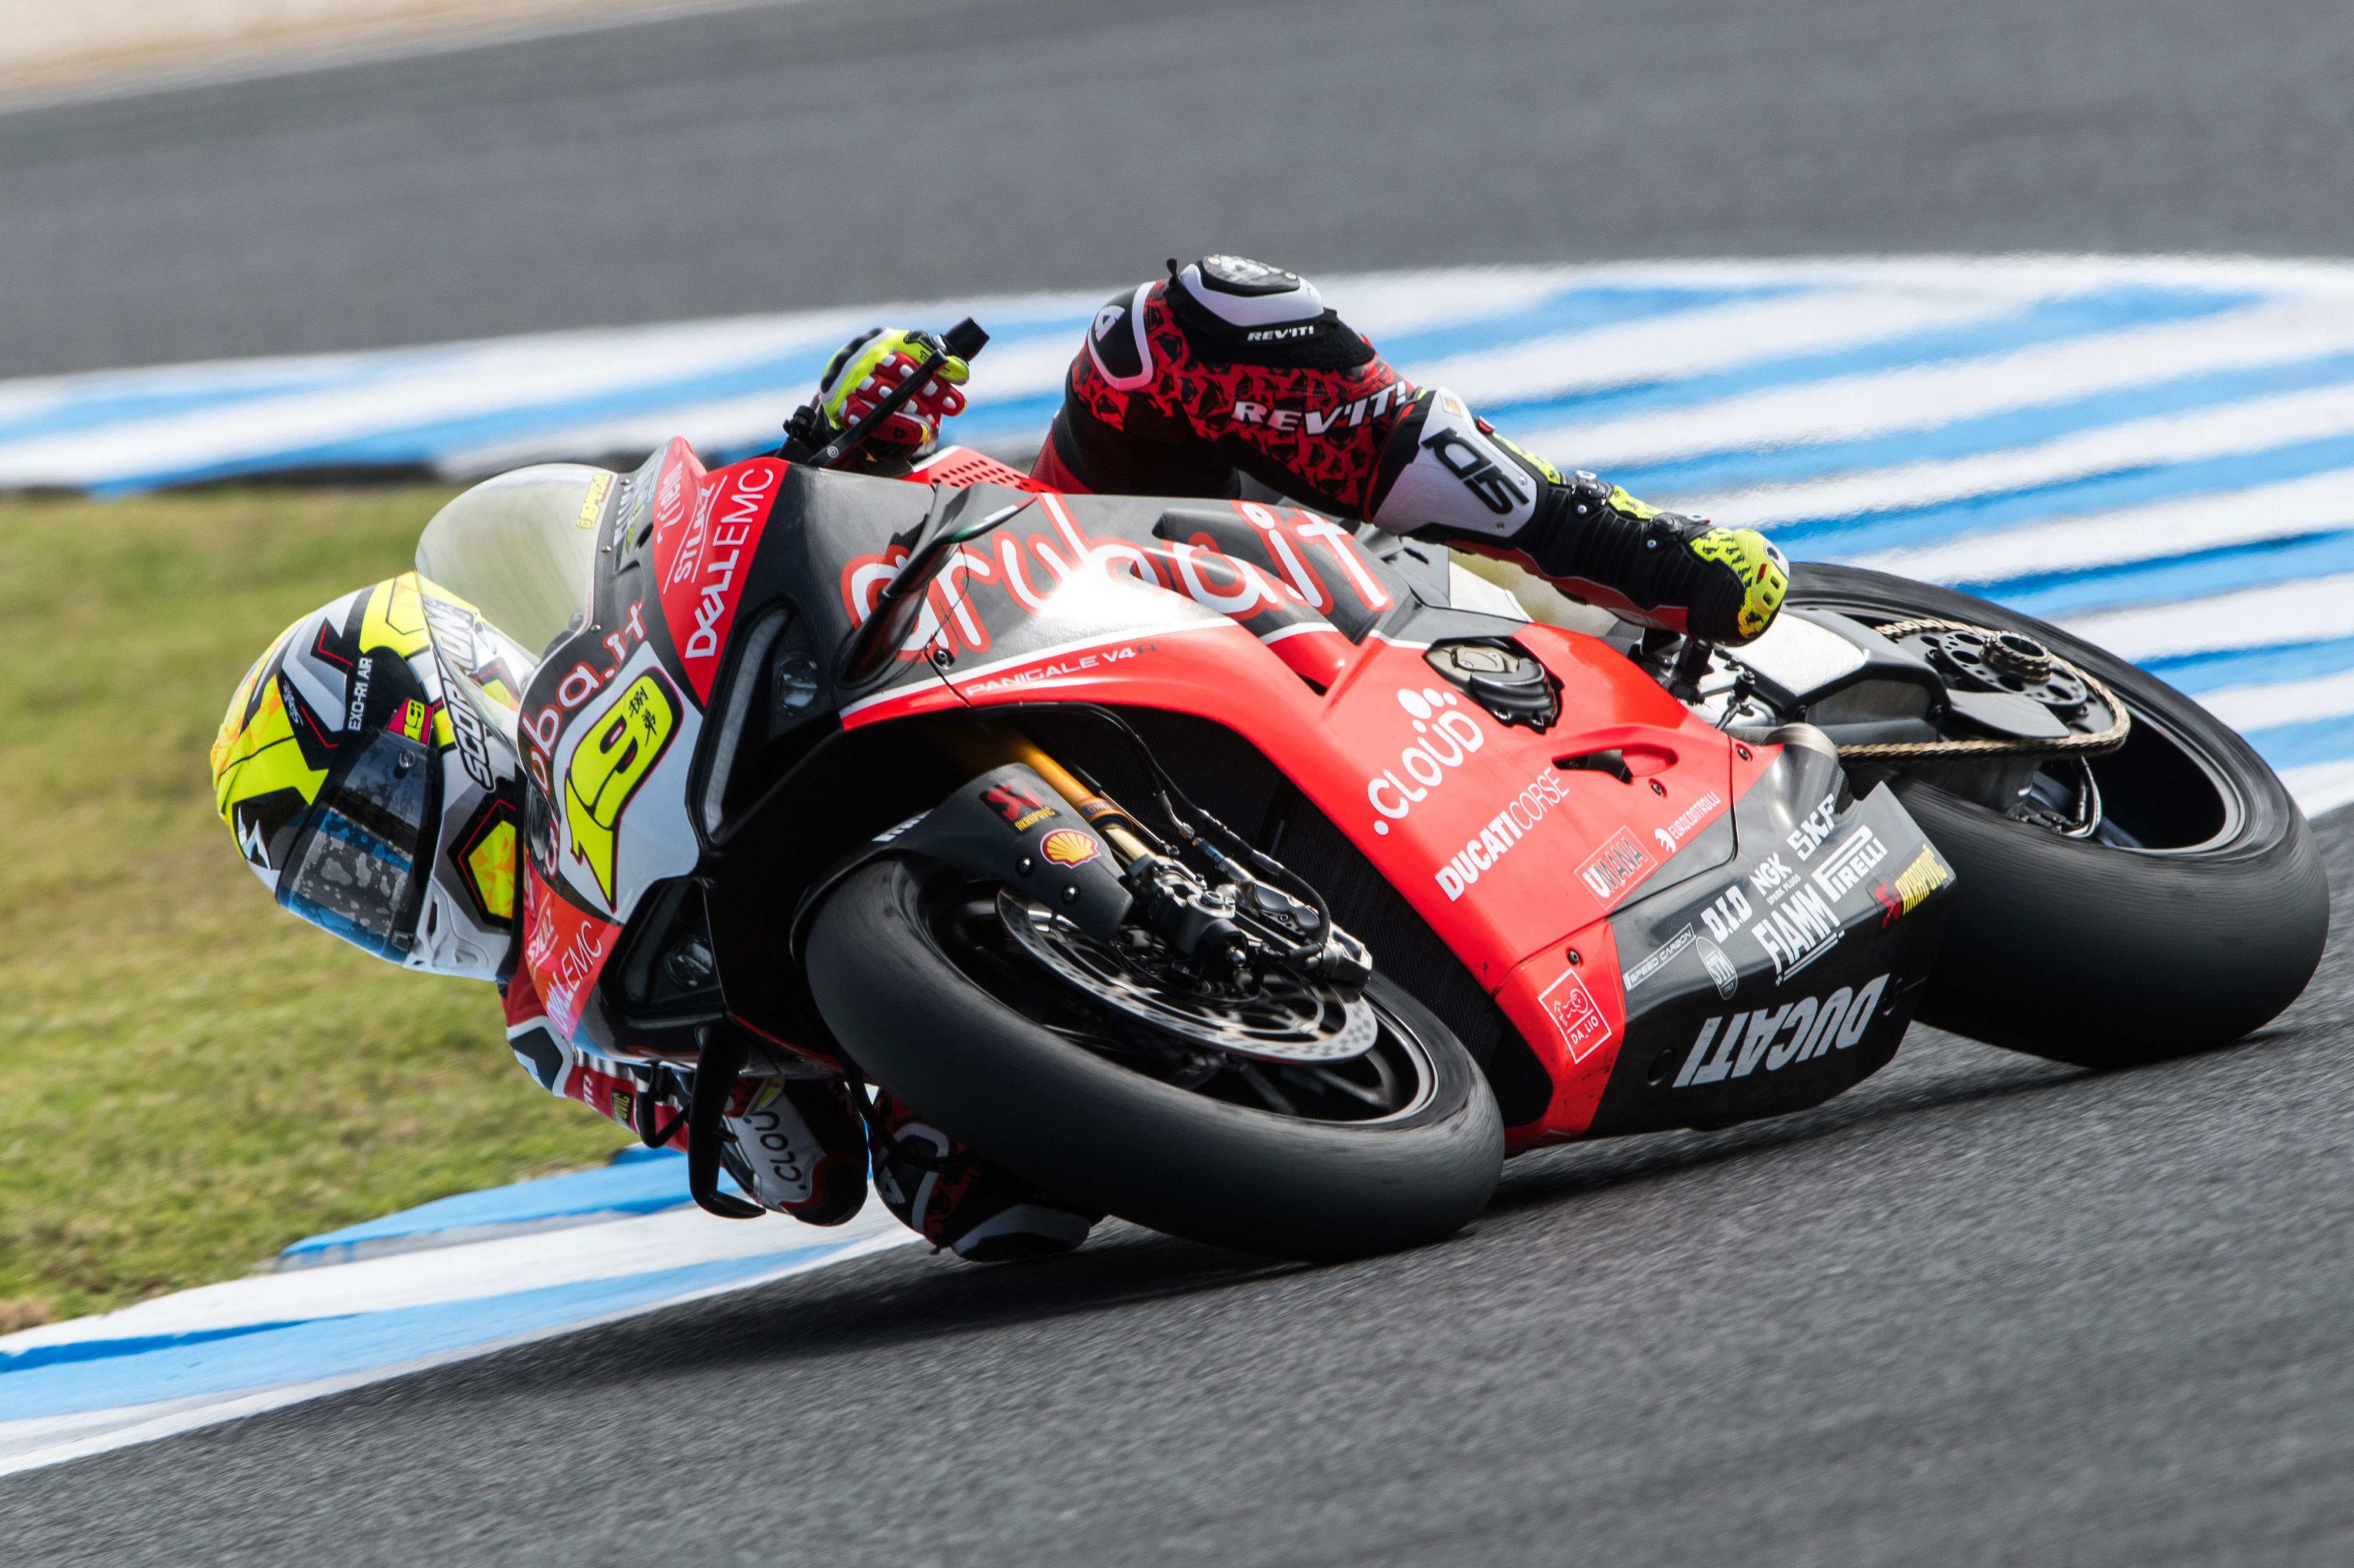 Alvaro Bautista - Ducati Panigale V4R